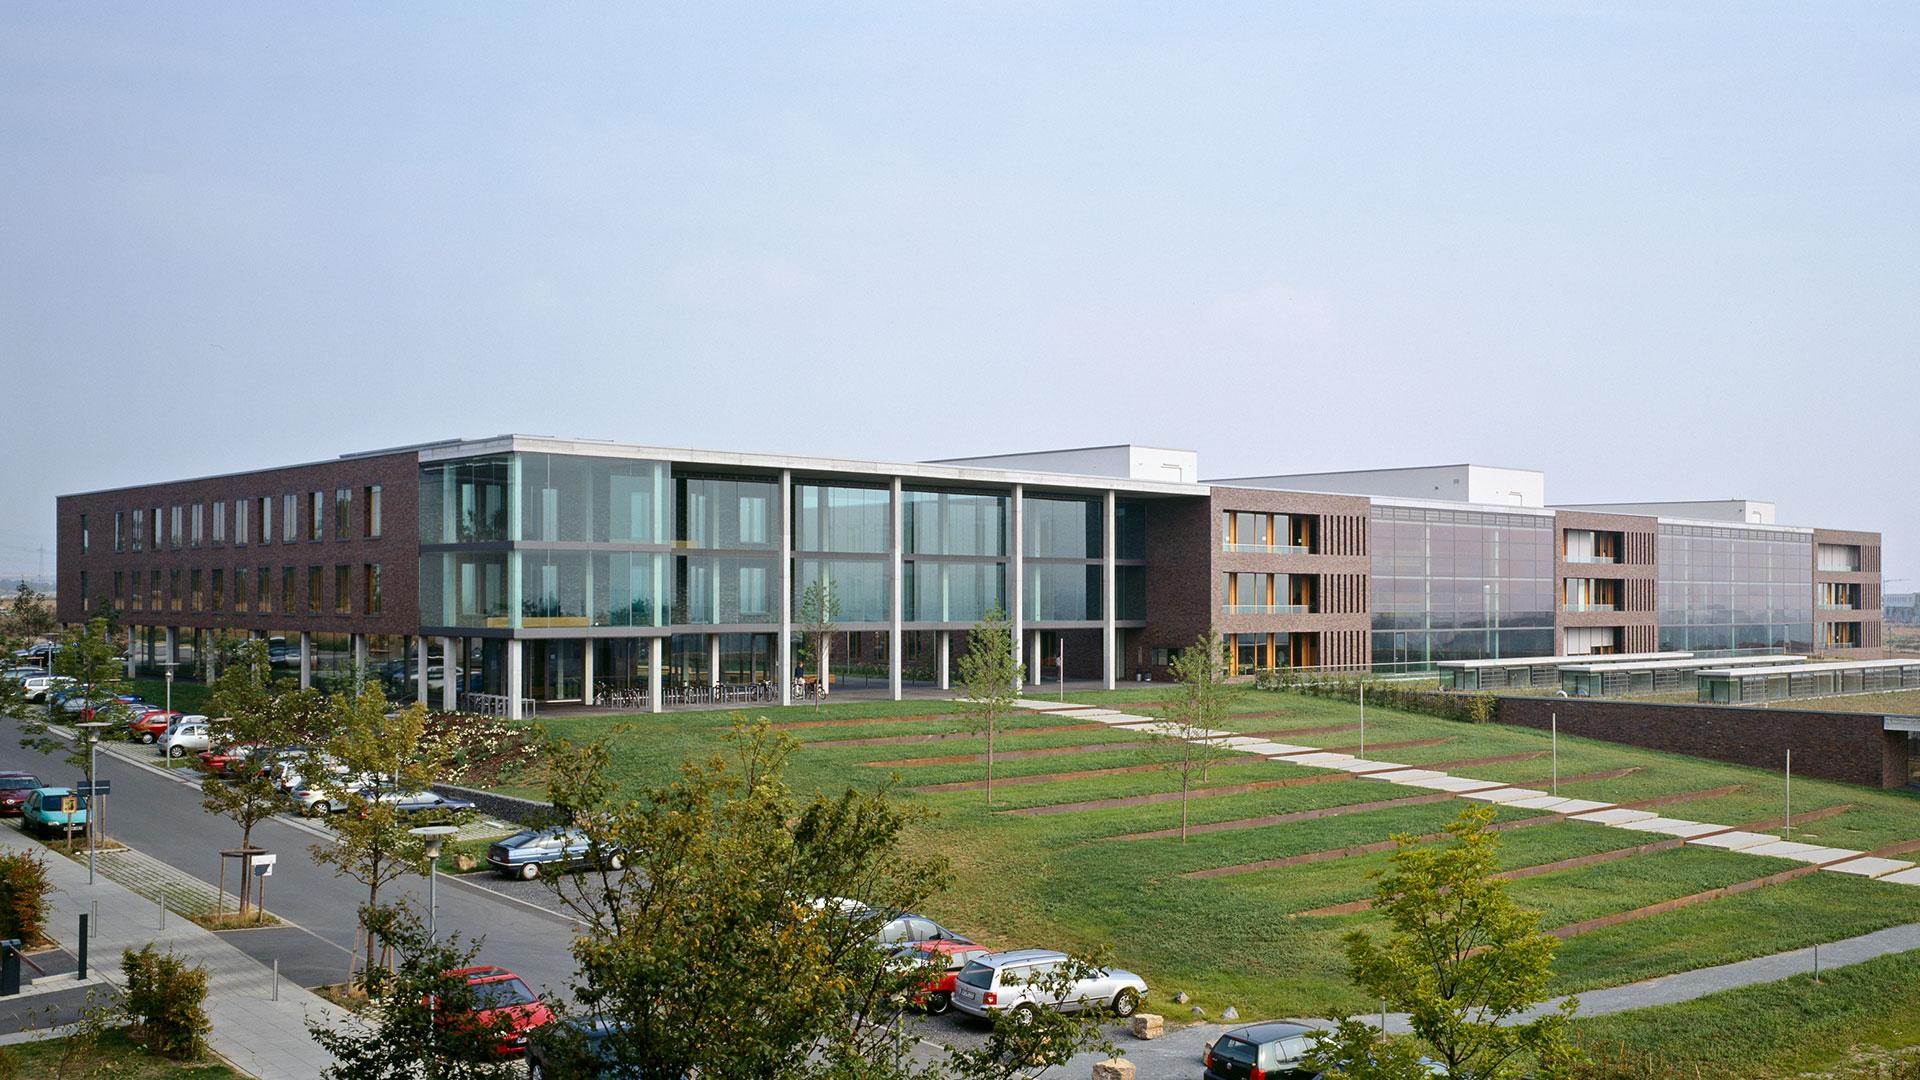 Physikalisches Institut Frankfurt 2 - ArGe Architekten